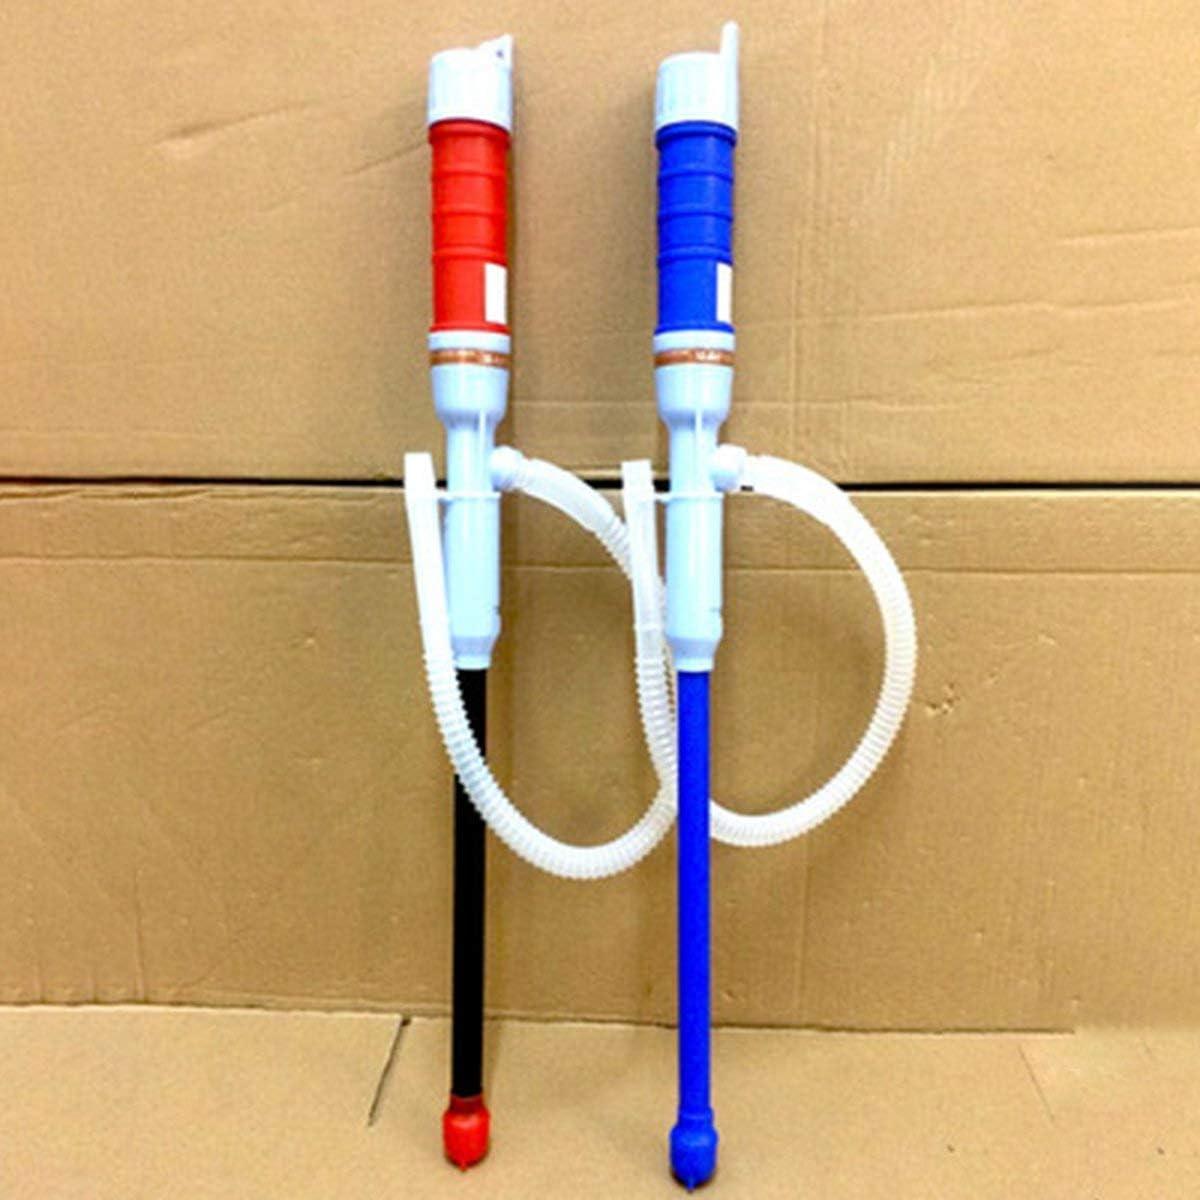 blau Gugutogo Tragbare Kleine Elektro-Pumpenrohr Pumping Pumpe Pumpeneinheit Aquarium Wasserwechsel Kreative Autozubeh/ör